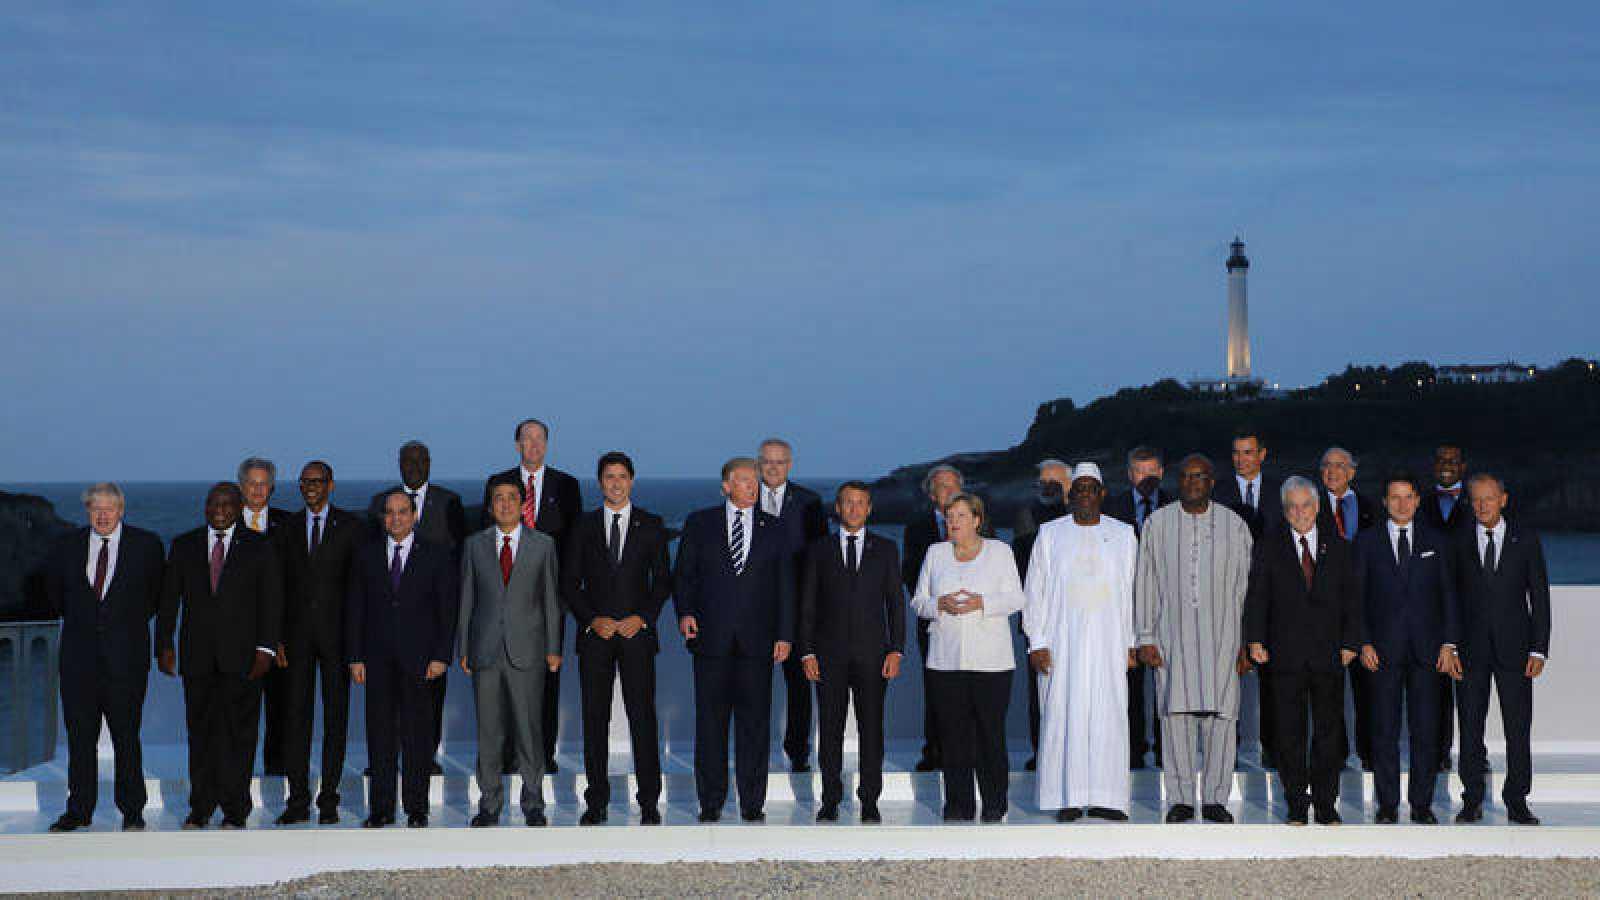 El presidente de Francia,Emmanuel Macron, posa con los líderes del G7 e invitados para la foto de familia de la cumbre de Biarritz